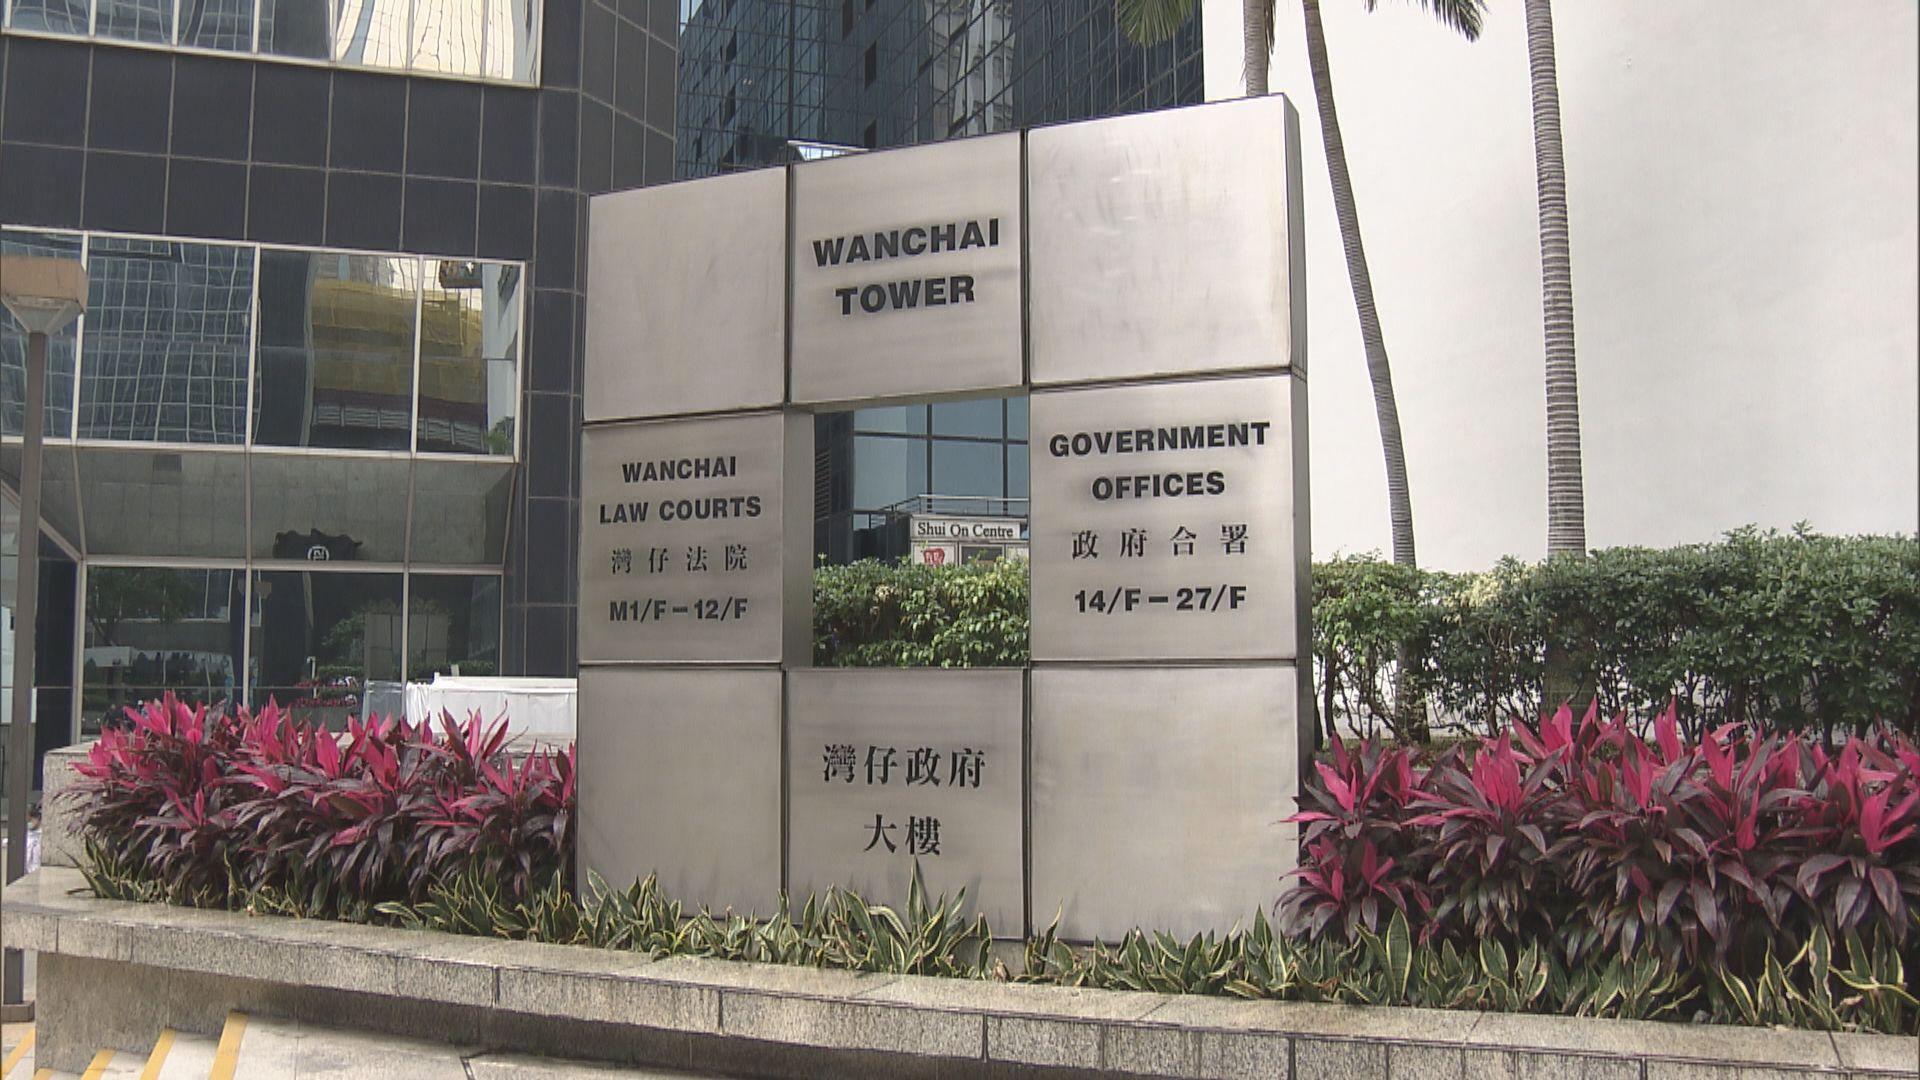 三人參與機場反修例集會 暴動罪成下午判刑